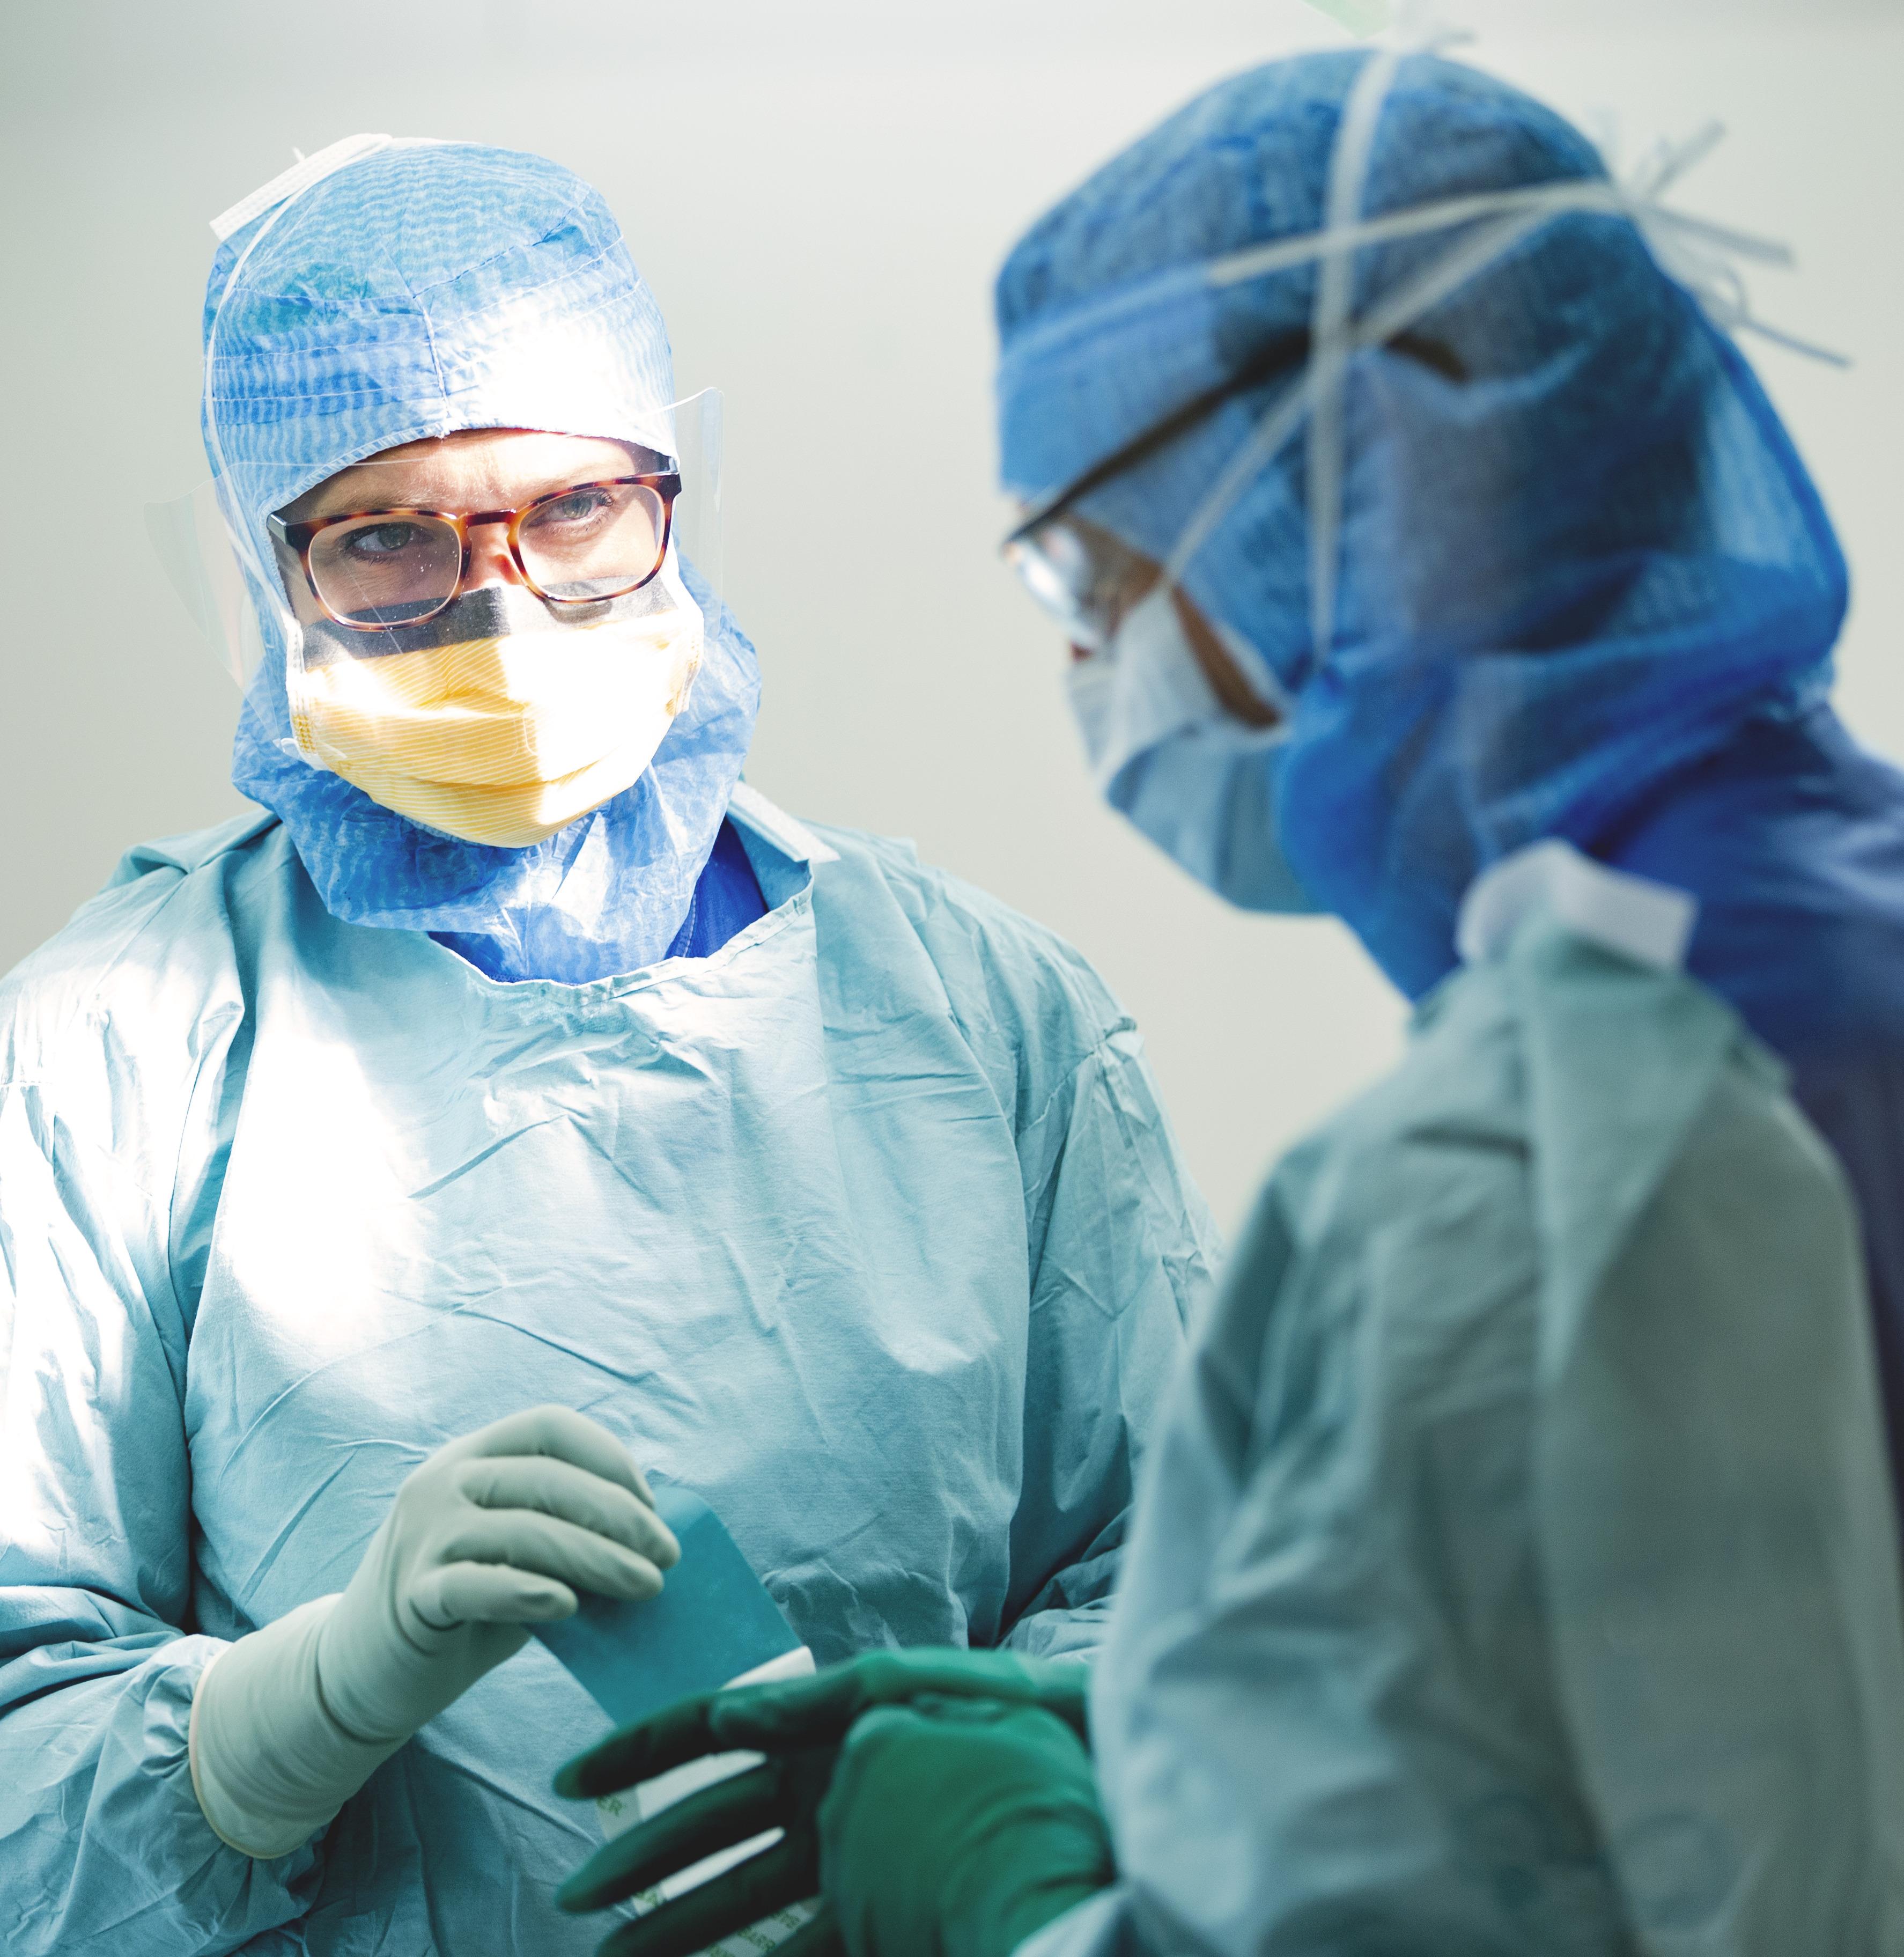 Instruktioner för patient som kommer för protesoperation av